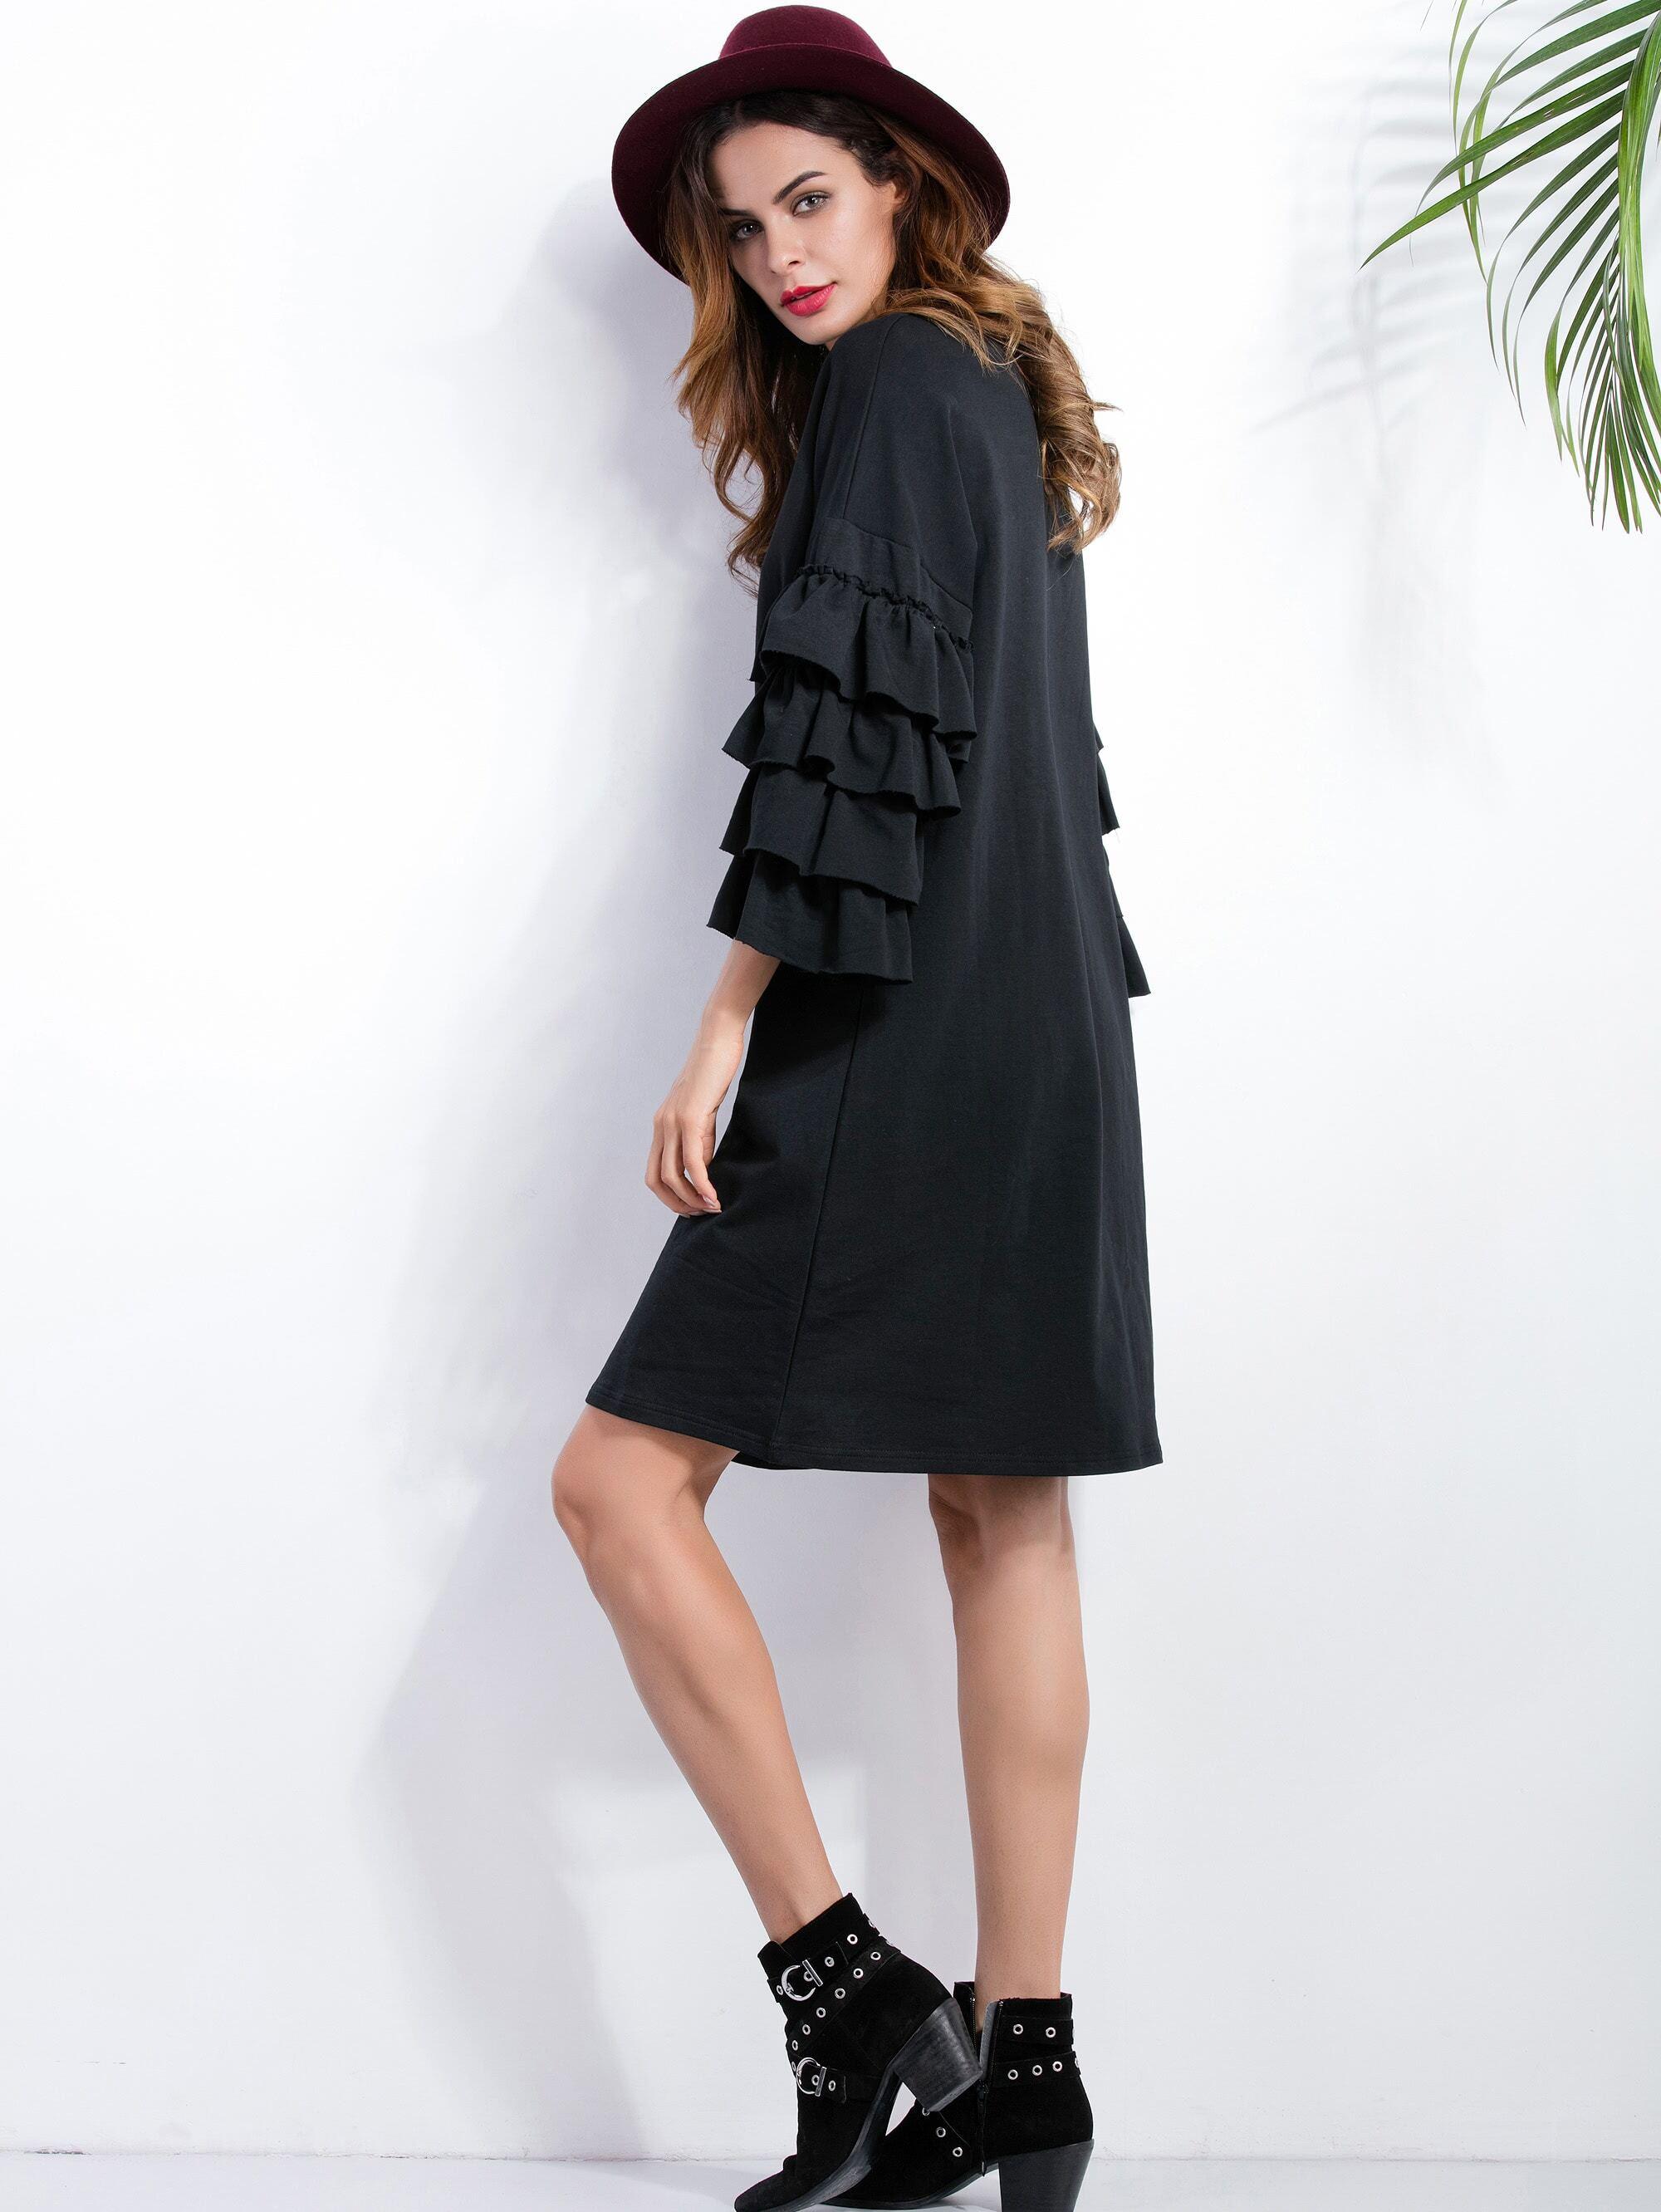 dress160913103_2